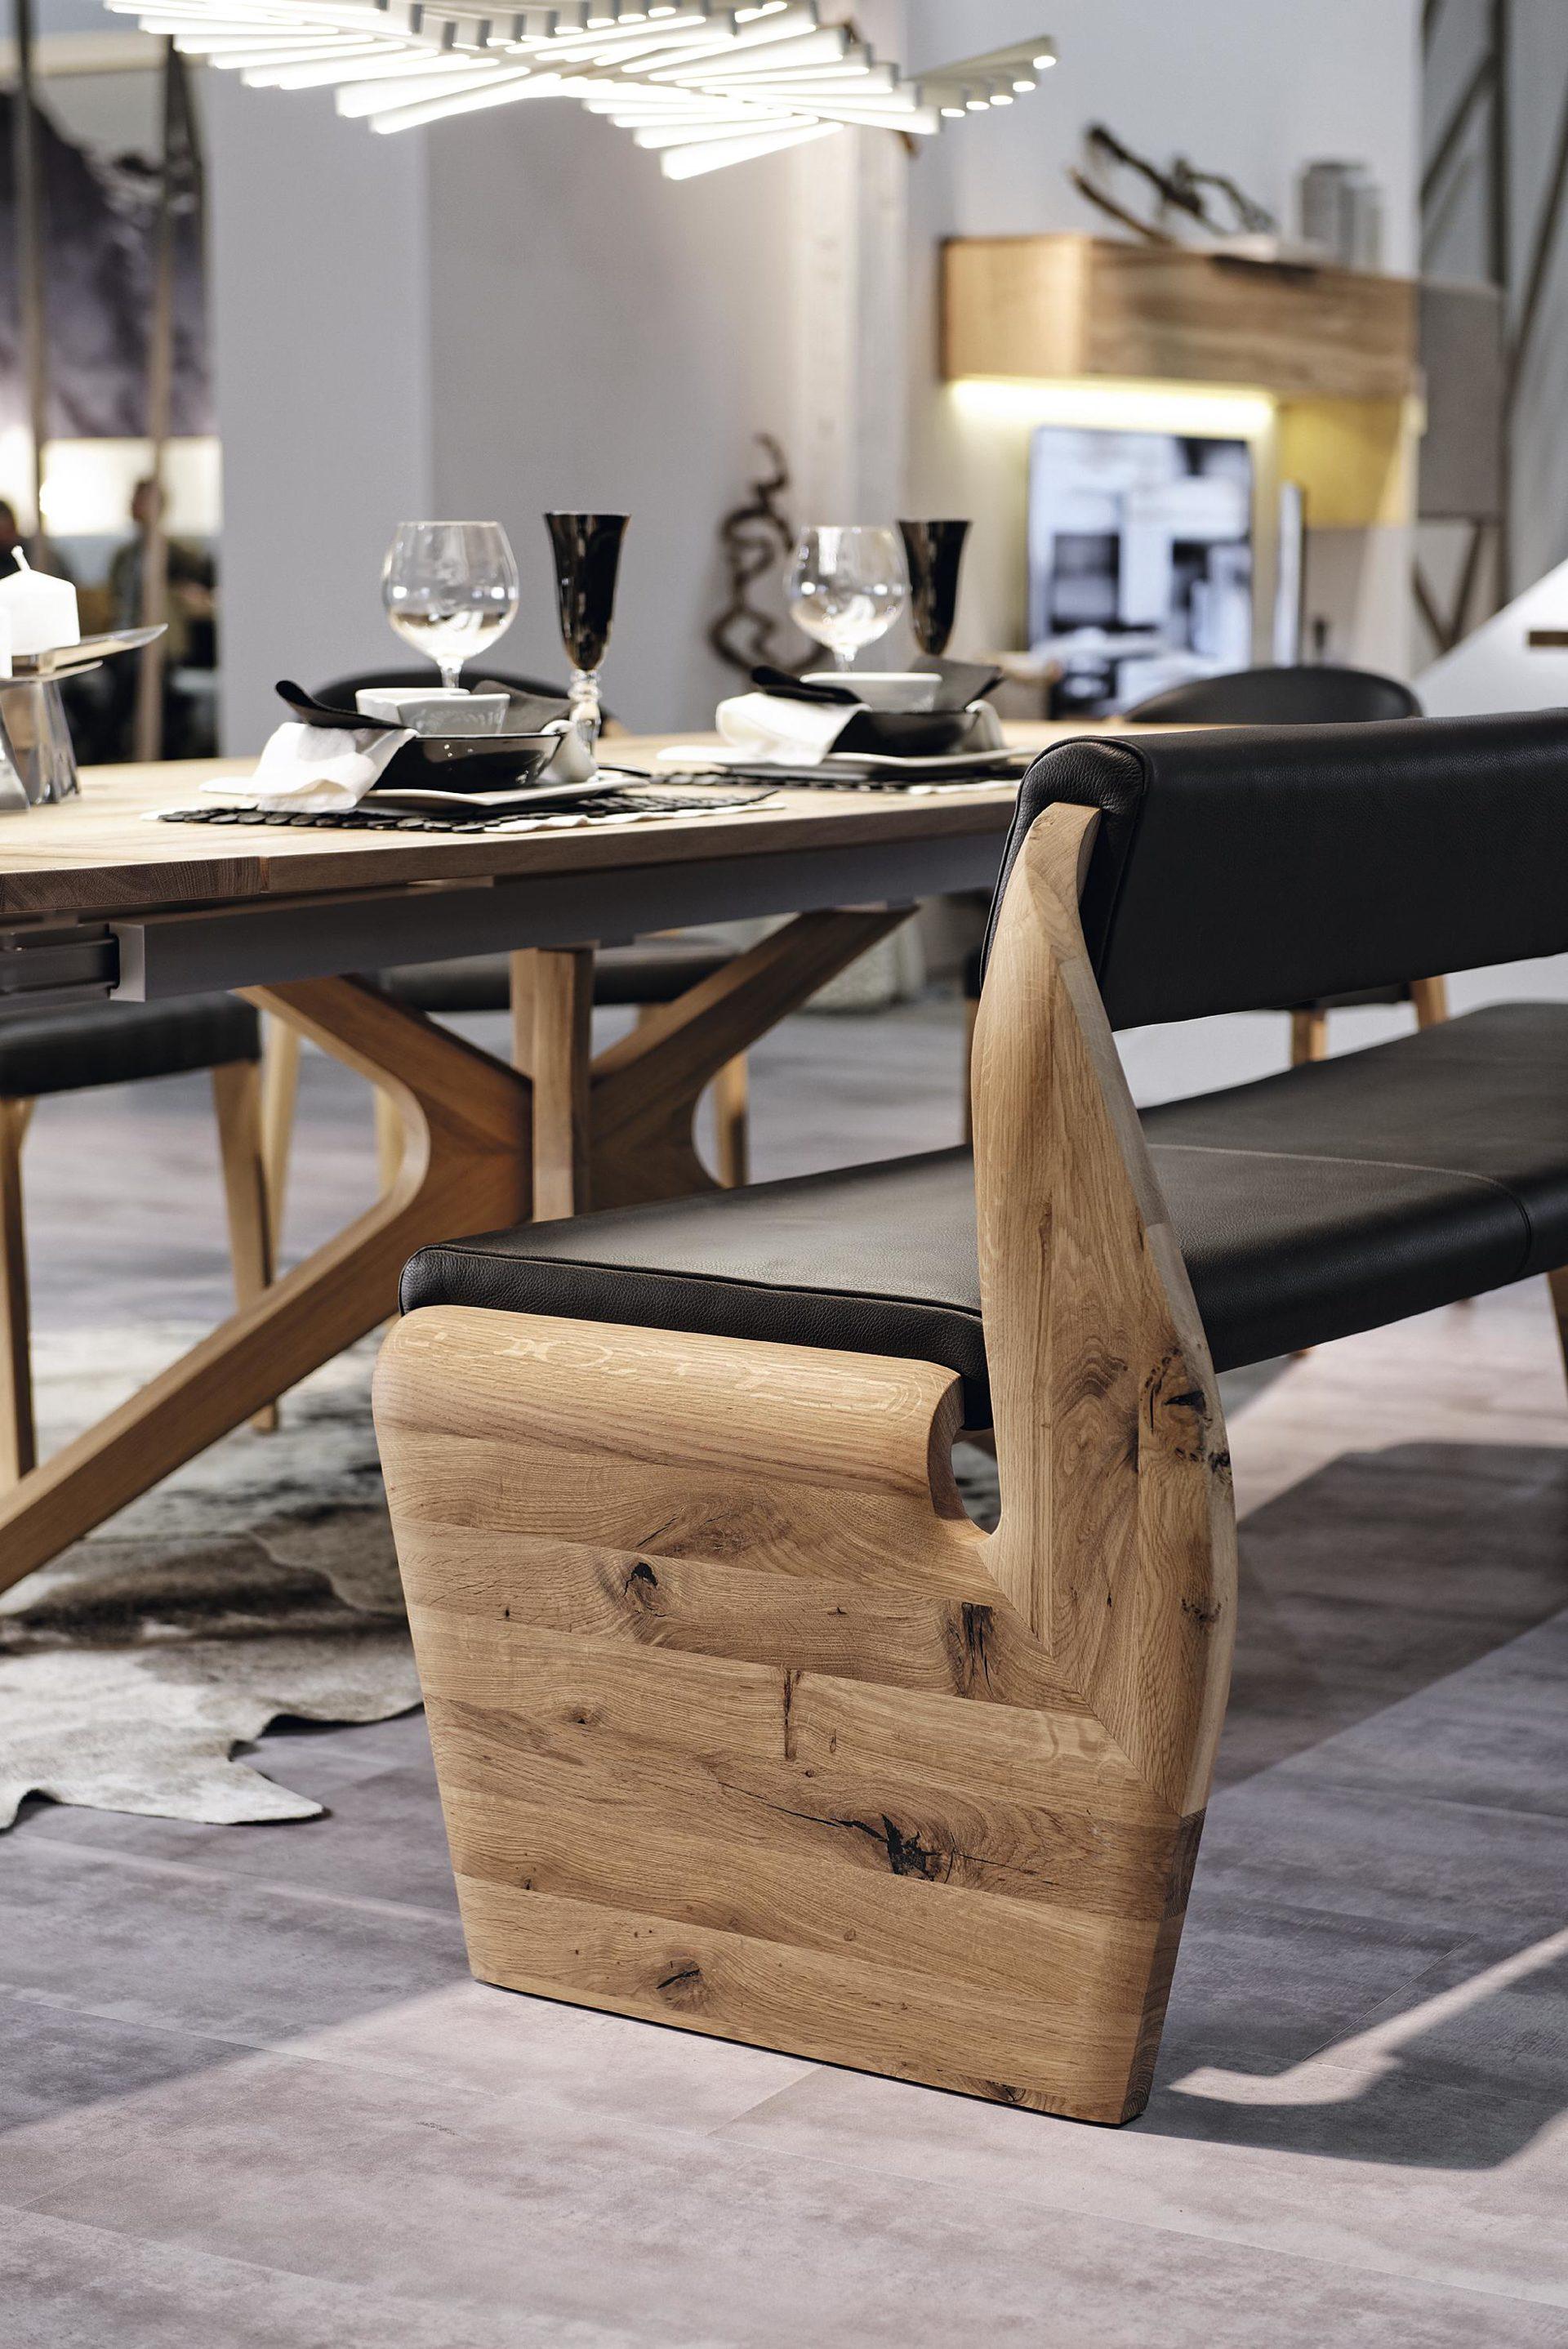 Möbel Eilers Apen | Räume | Esszimmer | Stühle + Bänke | Voglauer ... Esszimmer Eckbank Voglauer